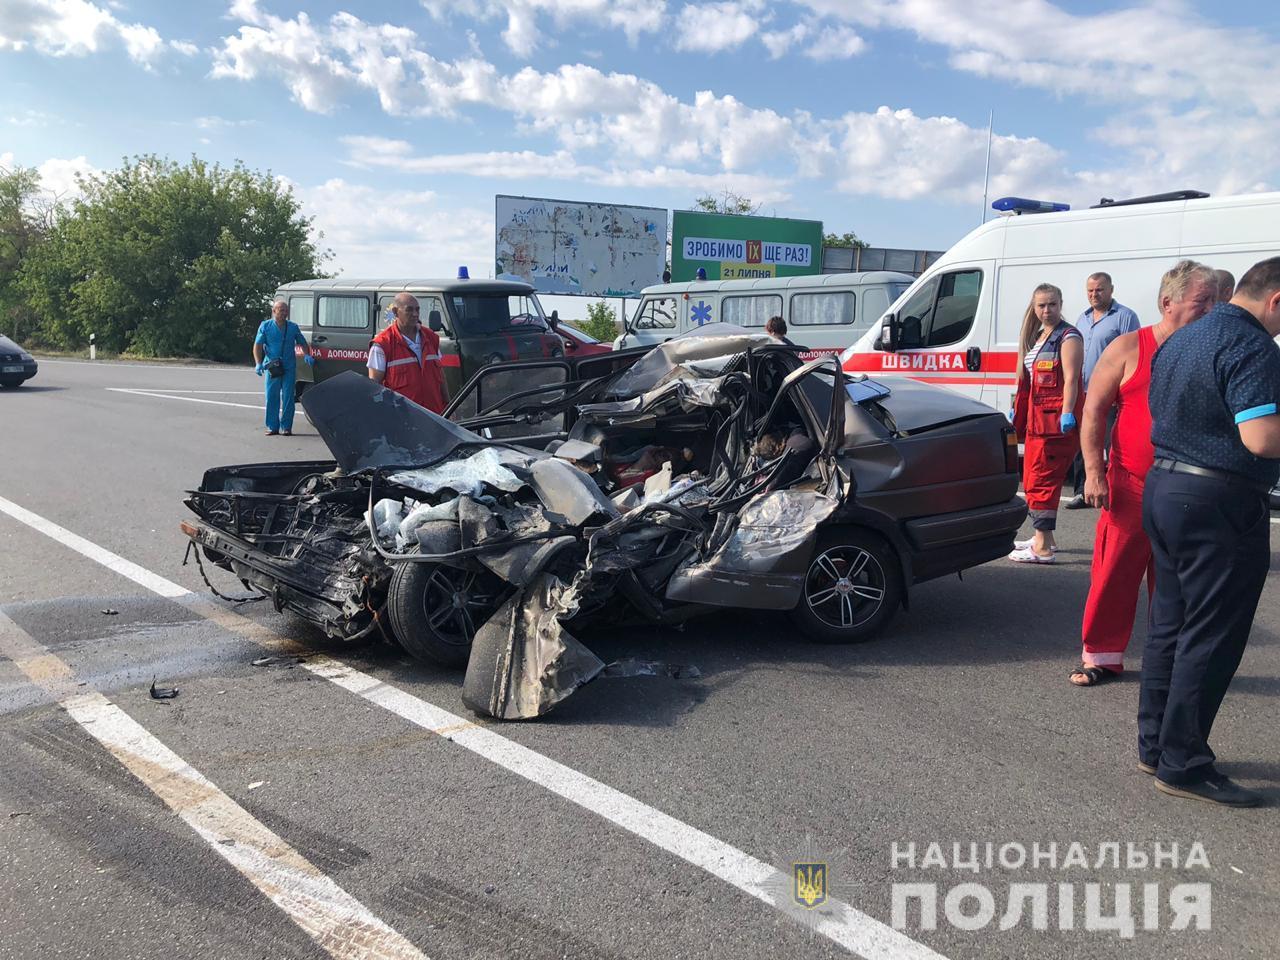 ДТП в Одесской области: погибли 4 человека (фото)